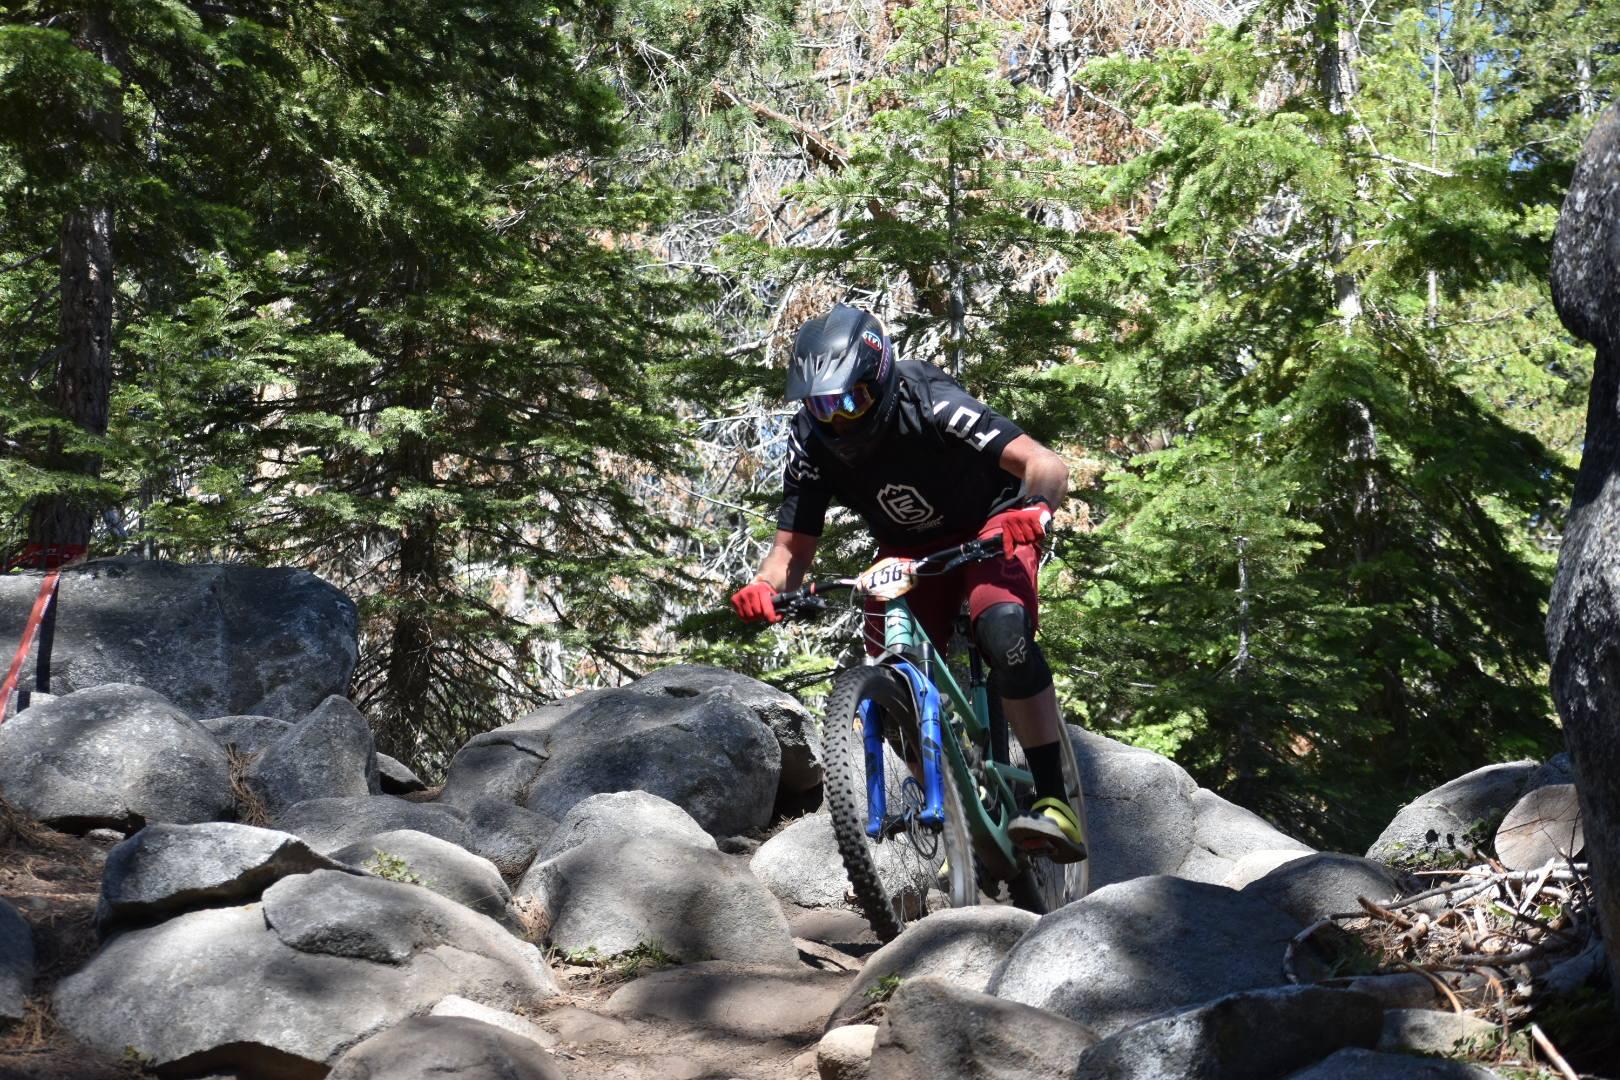 Footloose Sports Team Mountain Bike Rider